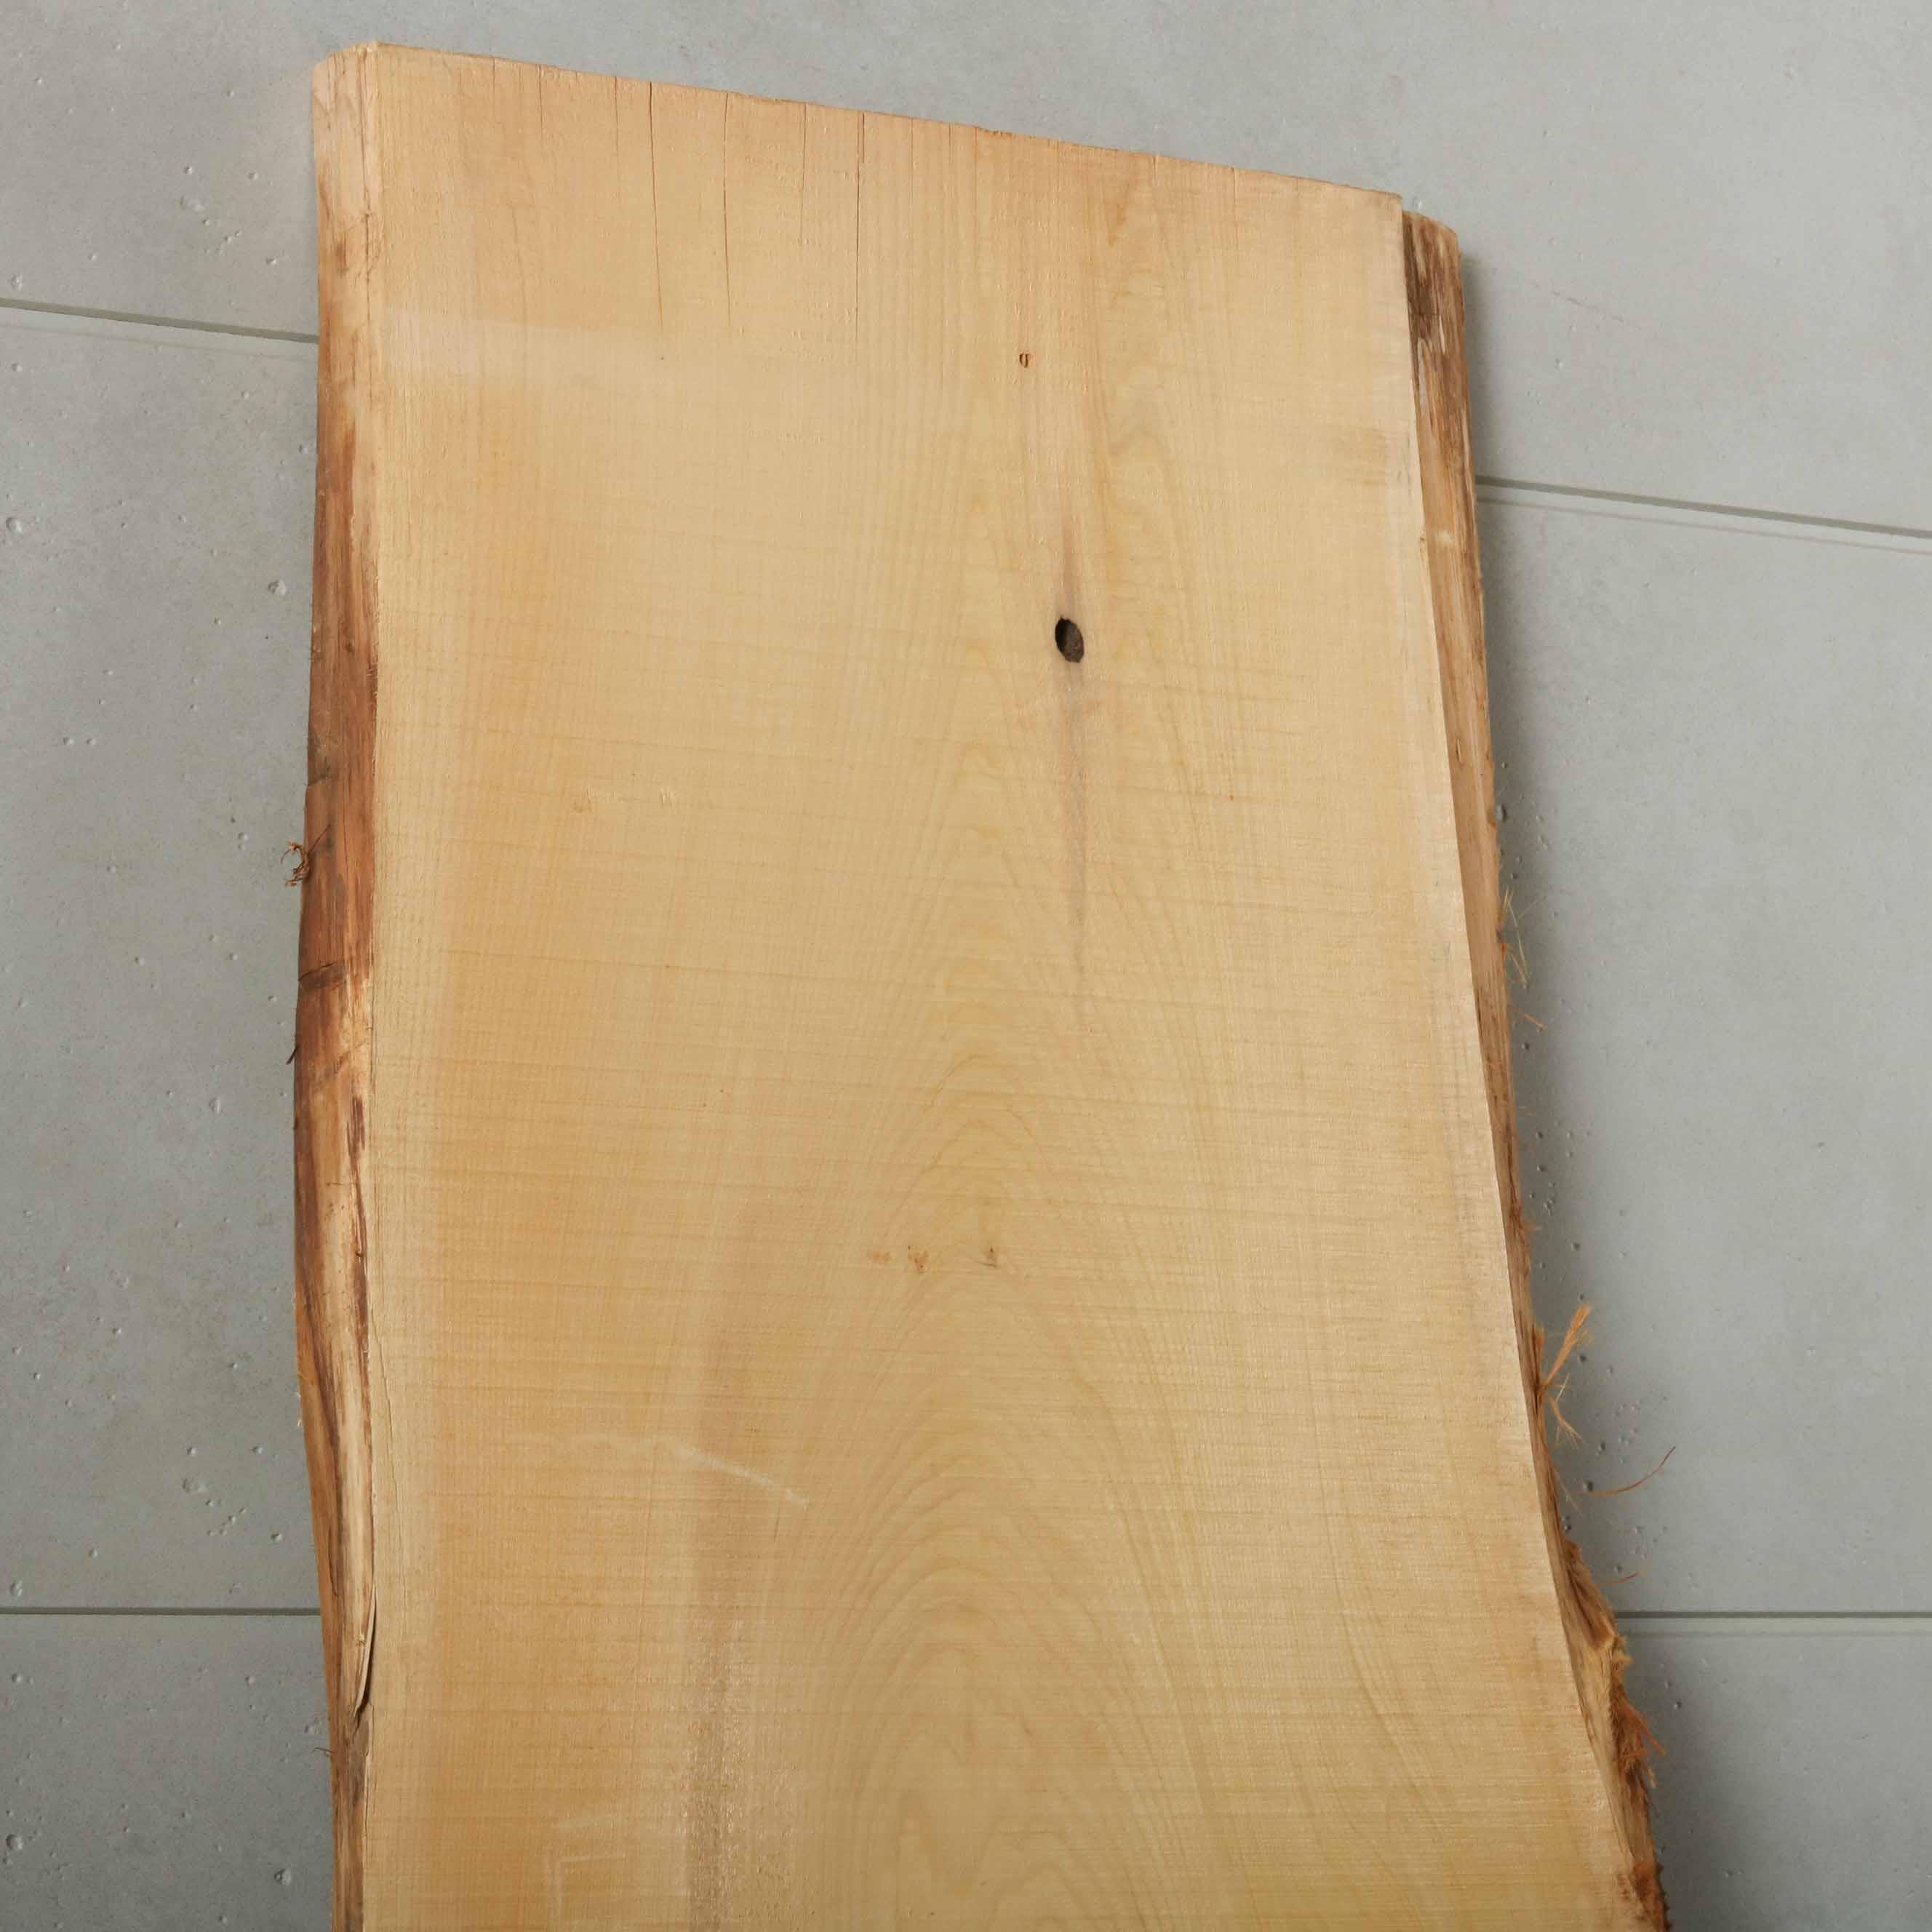 16-002 檜葉 (ヒバ) 一枚板 有限会社村口産業(下北郡)